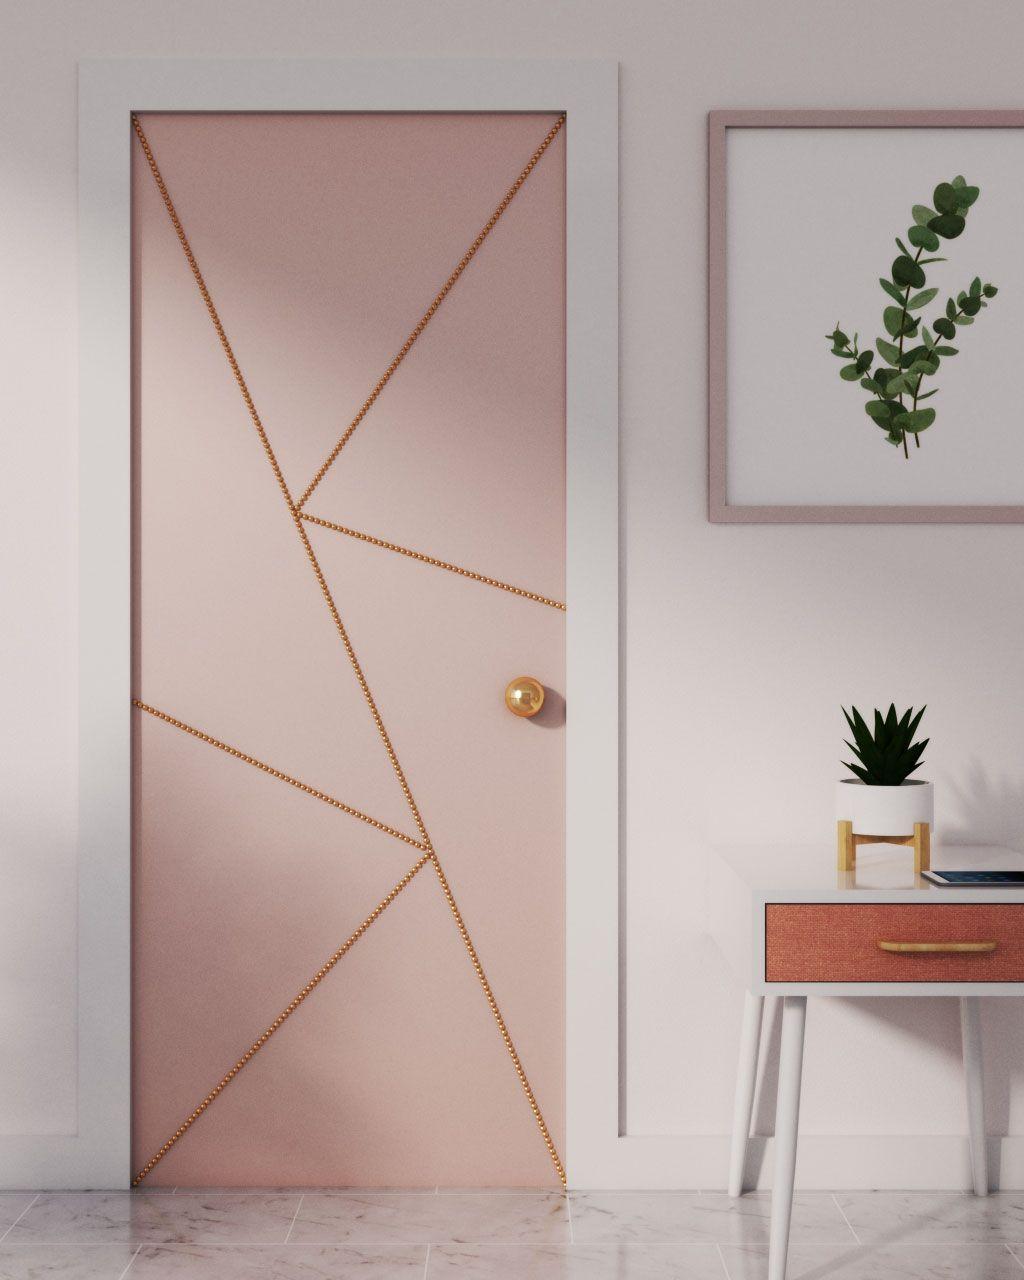 15 Creative Bedroom Door Ideas Cool Bedroom Door Decorations With Images Roomdsign Com In 2020 Bedroom Door Decorations Creative Bedroom Painted Bedroom Doors